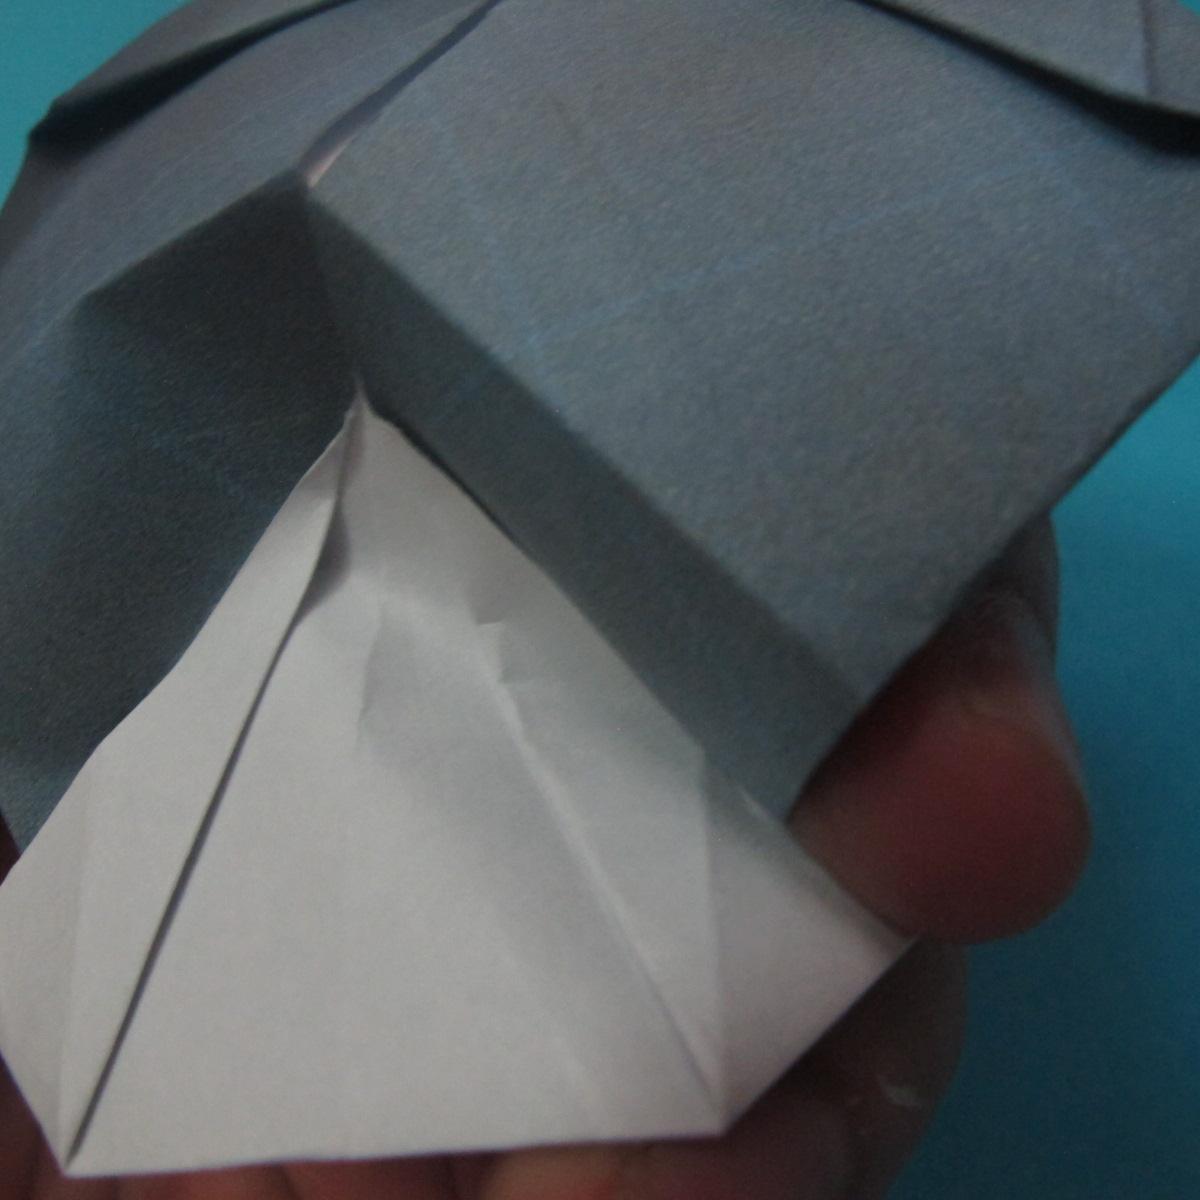 วิธีการพับกระดาษเป็นรูปนกเค้าแมว 031